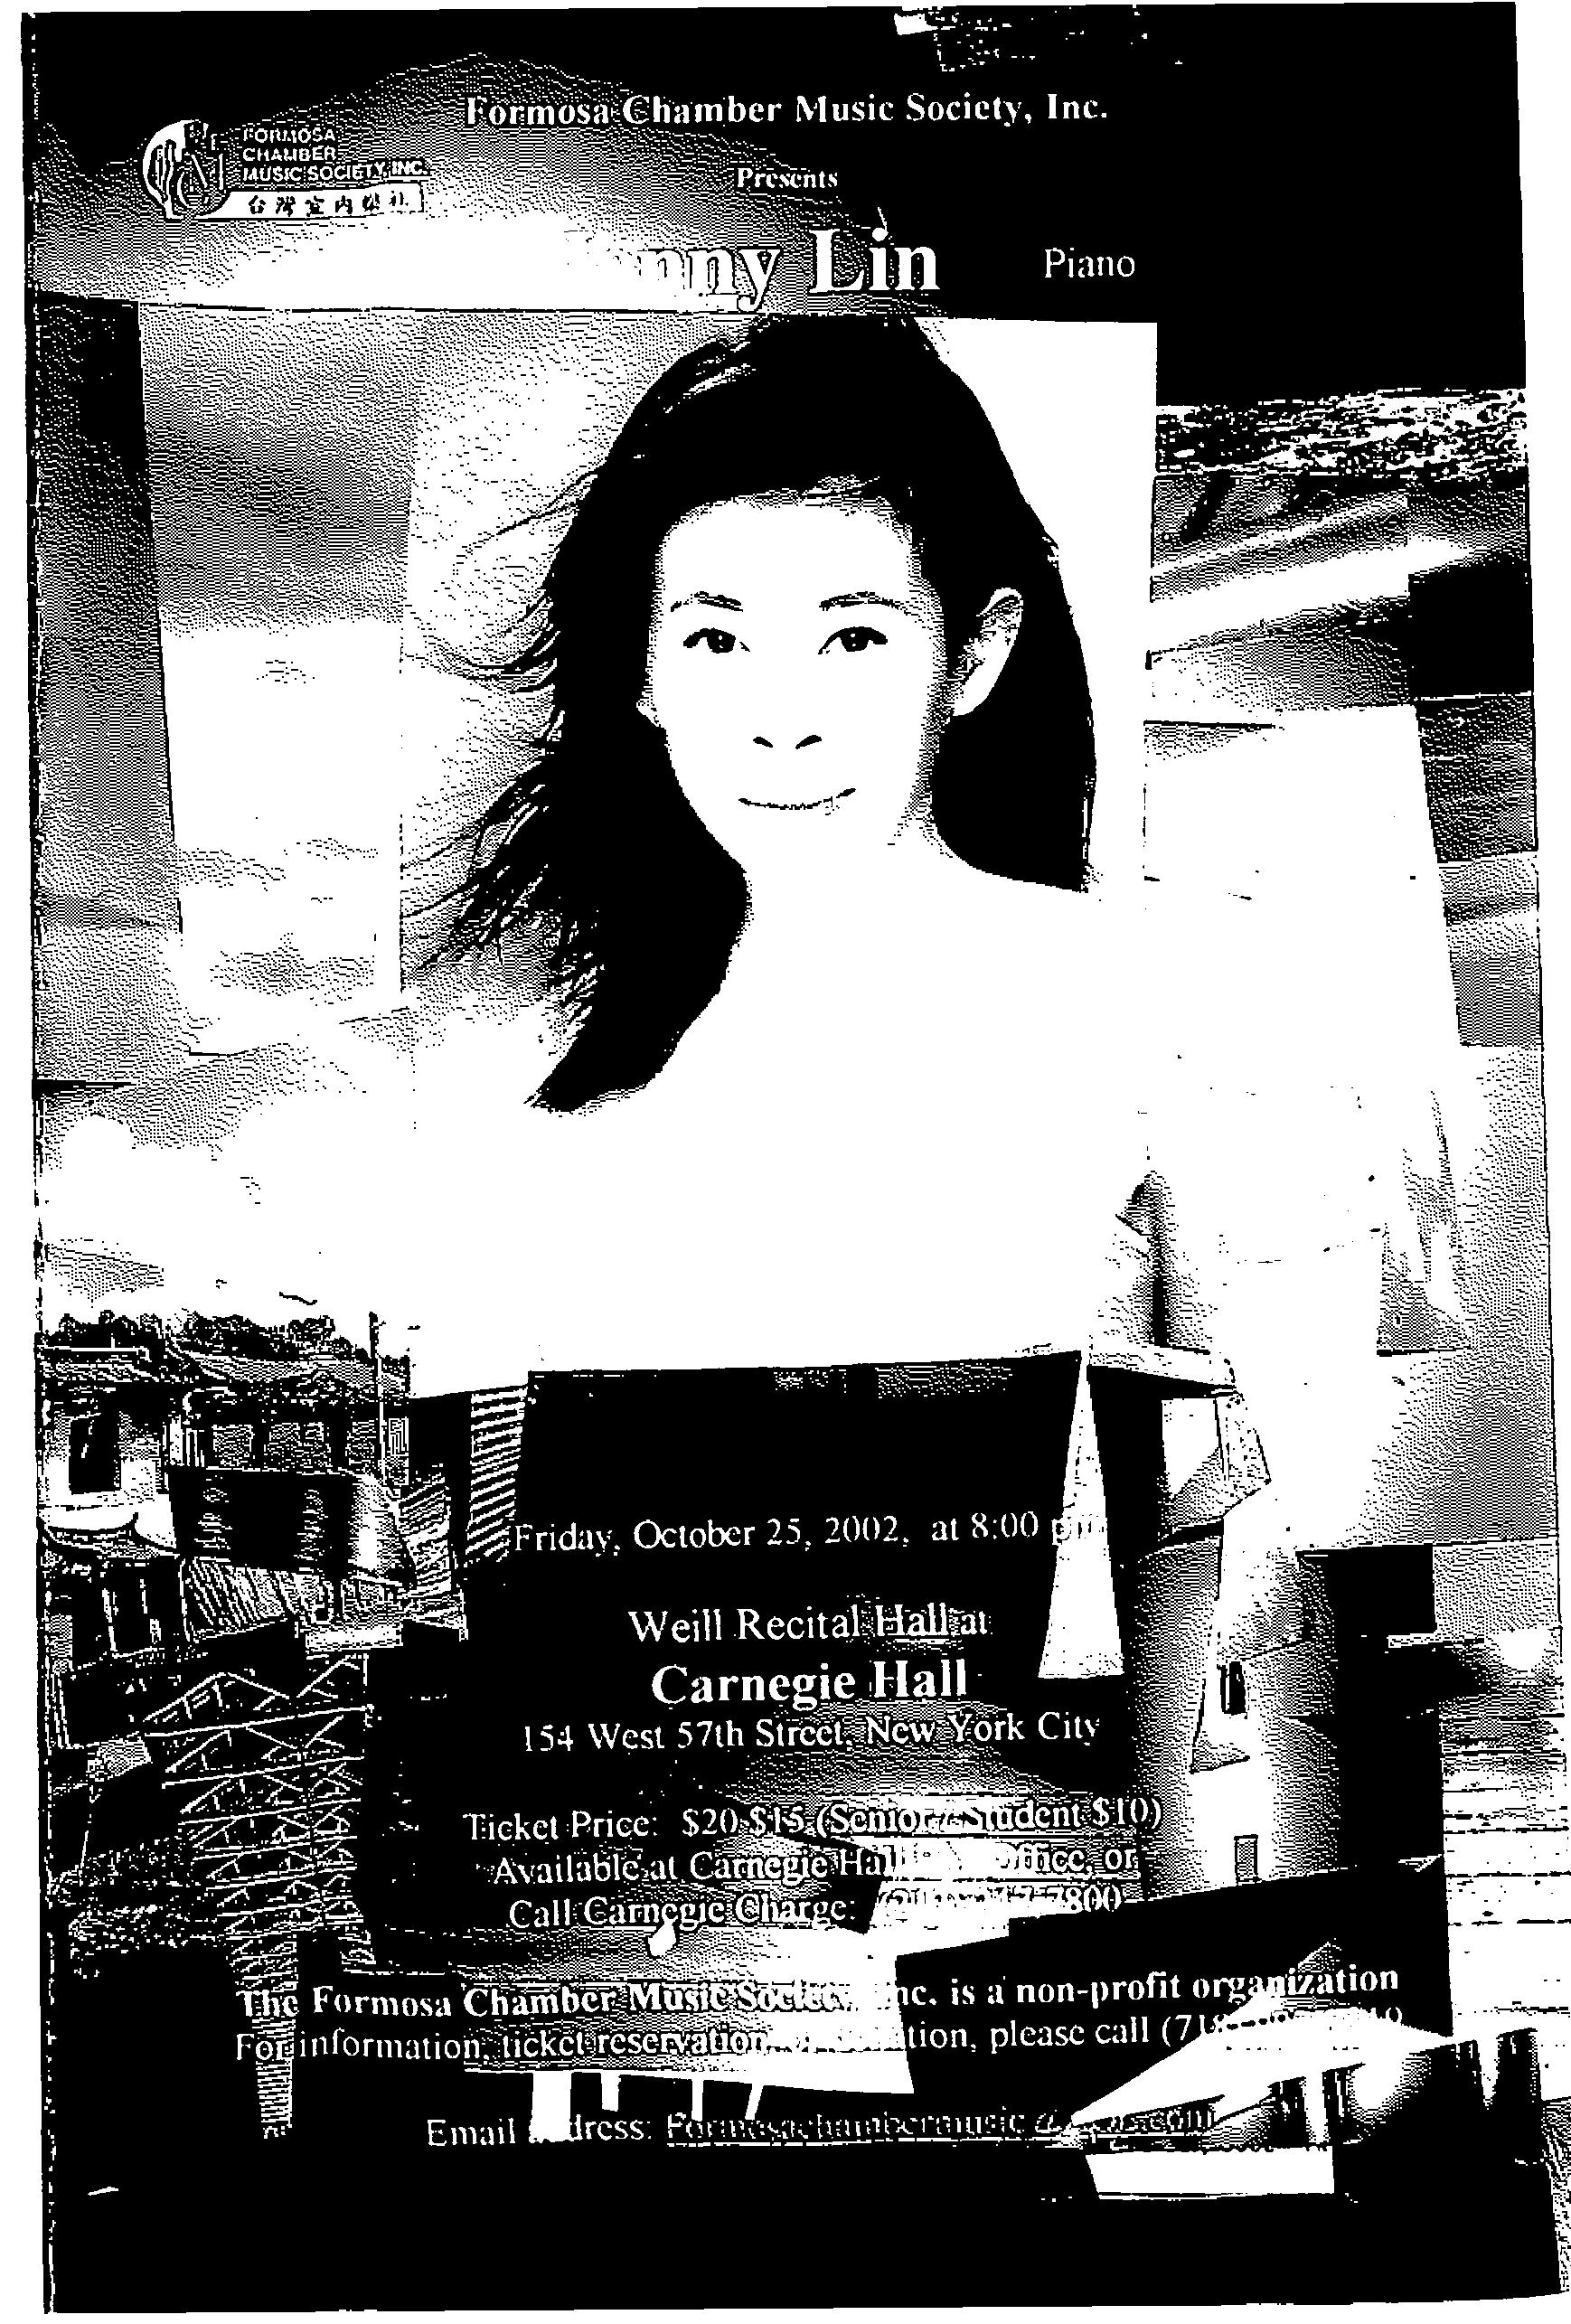 159. Formosan Chamber Music Society/Jenny Lin Piano/10/25/2002